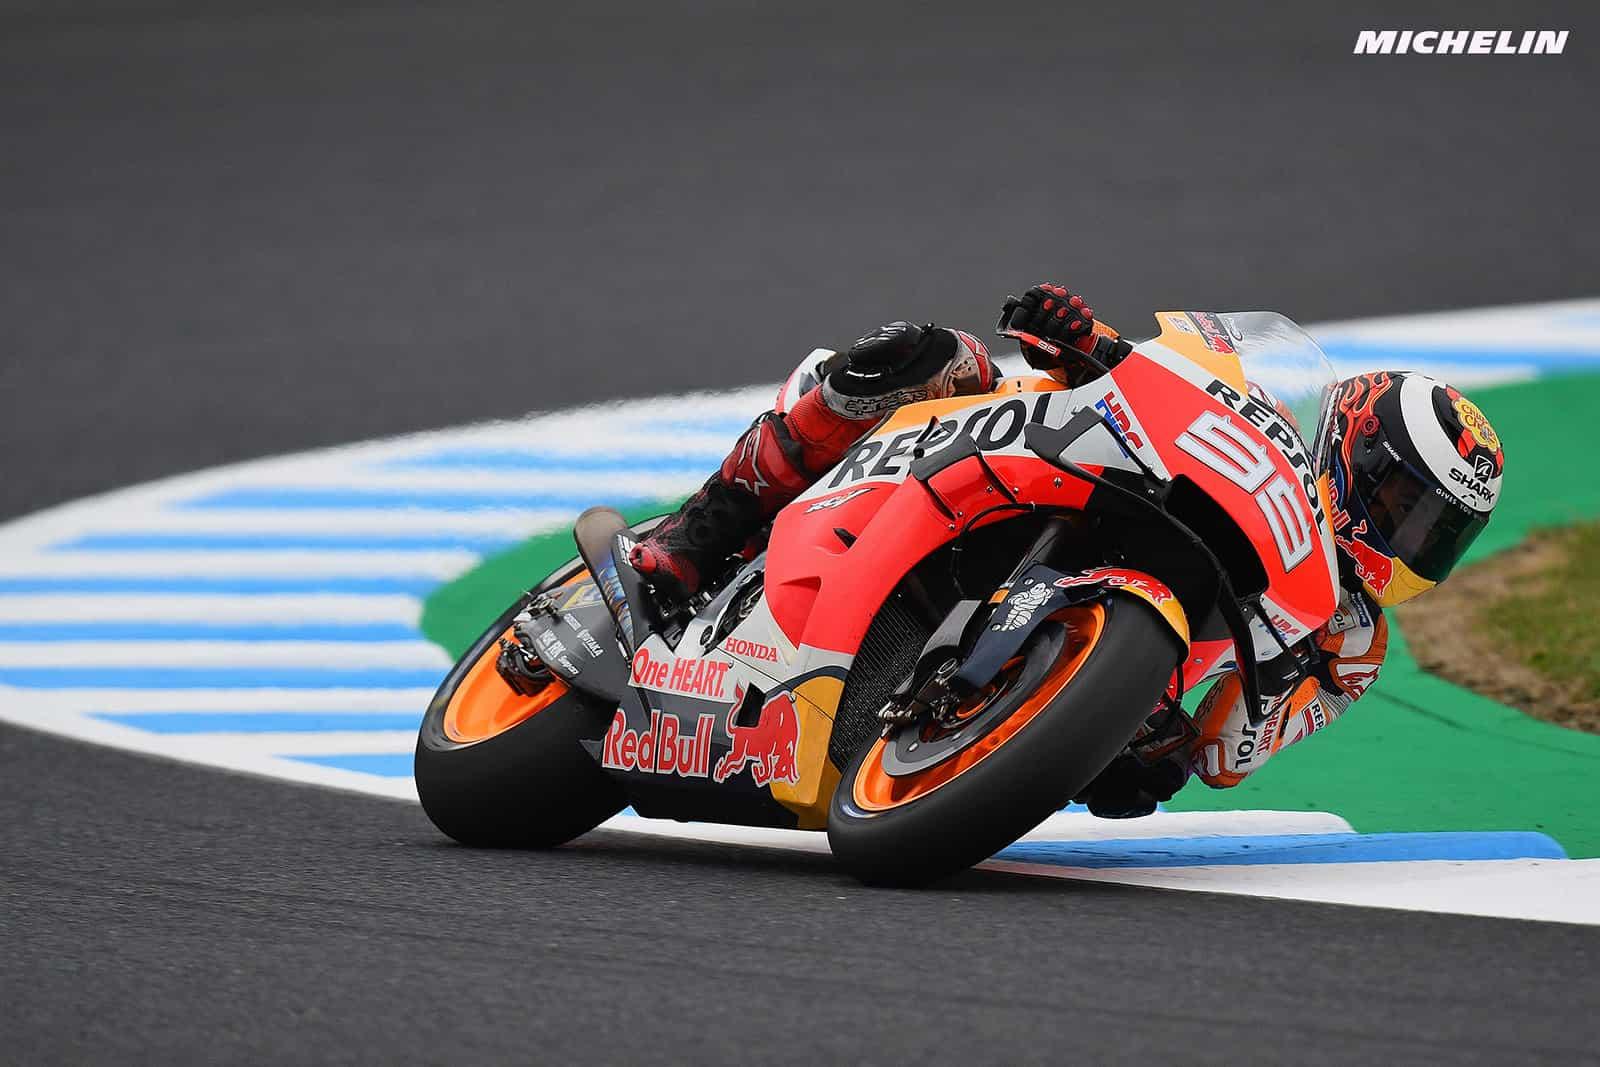 MotoGP2019オーストラリアGP ロレンソ「日本で見つけた内容がプラスになるか確かめたい」